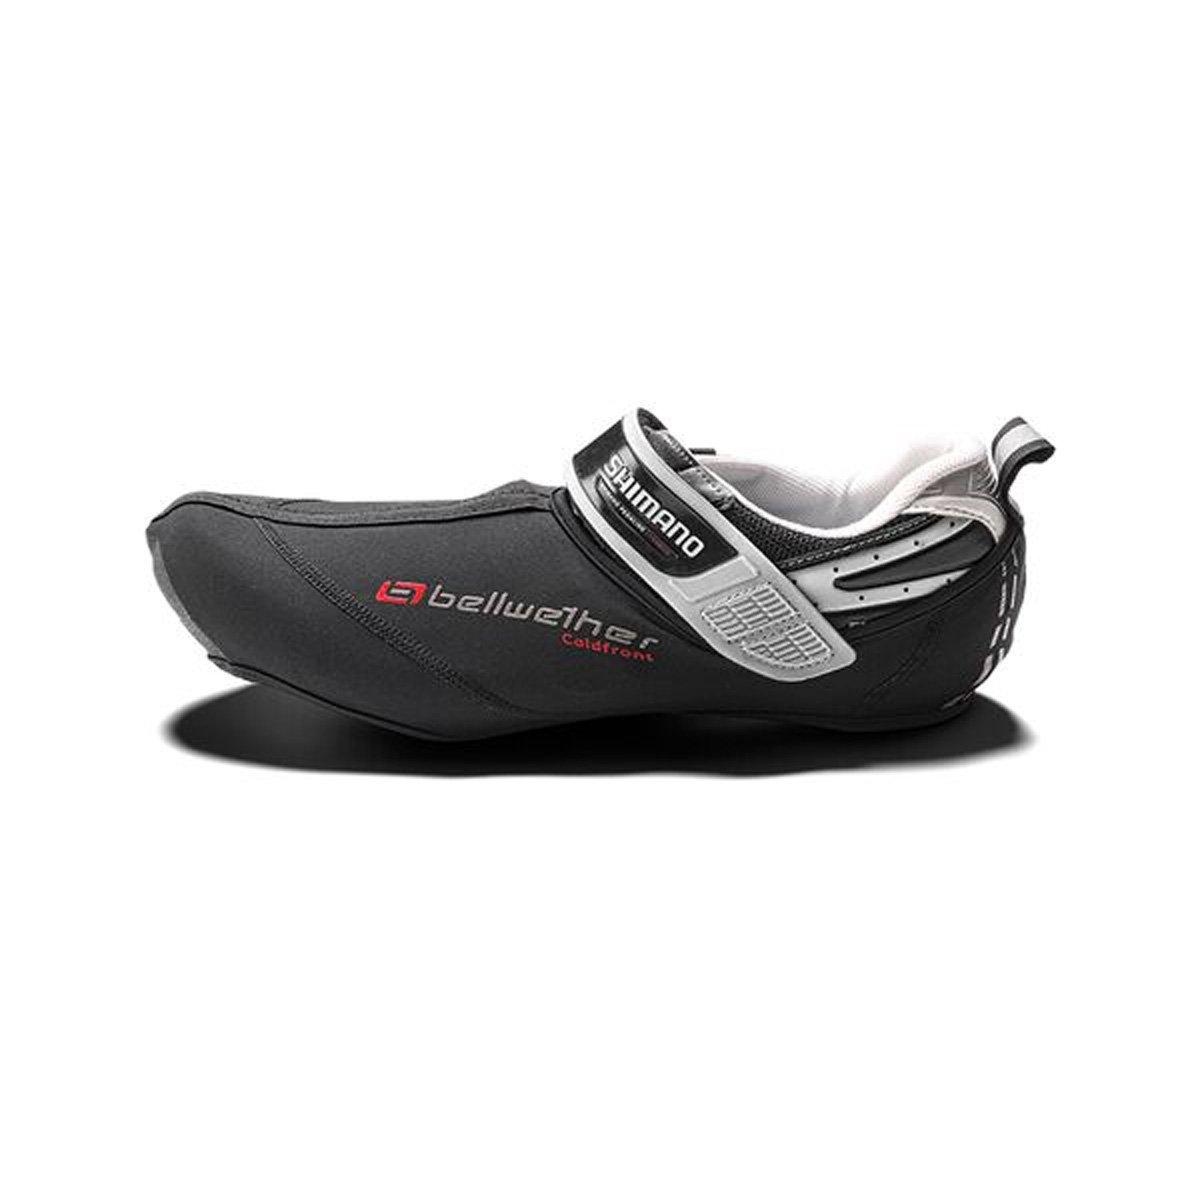 【高額売筋】 Bellwether 2017 Bellwether Coldfrontサイクリング靴カバー – 955583 955583 Large ブラック Large B01J0BQMDS, スマホケース専門店ウイングライド:abfad451 --- efichas.com.br